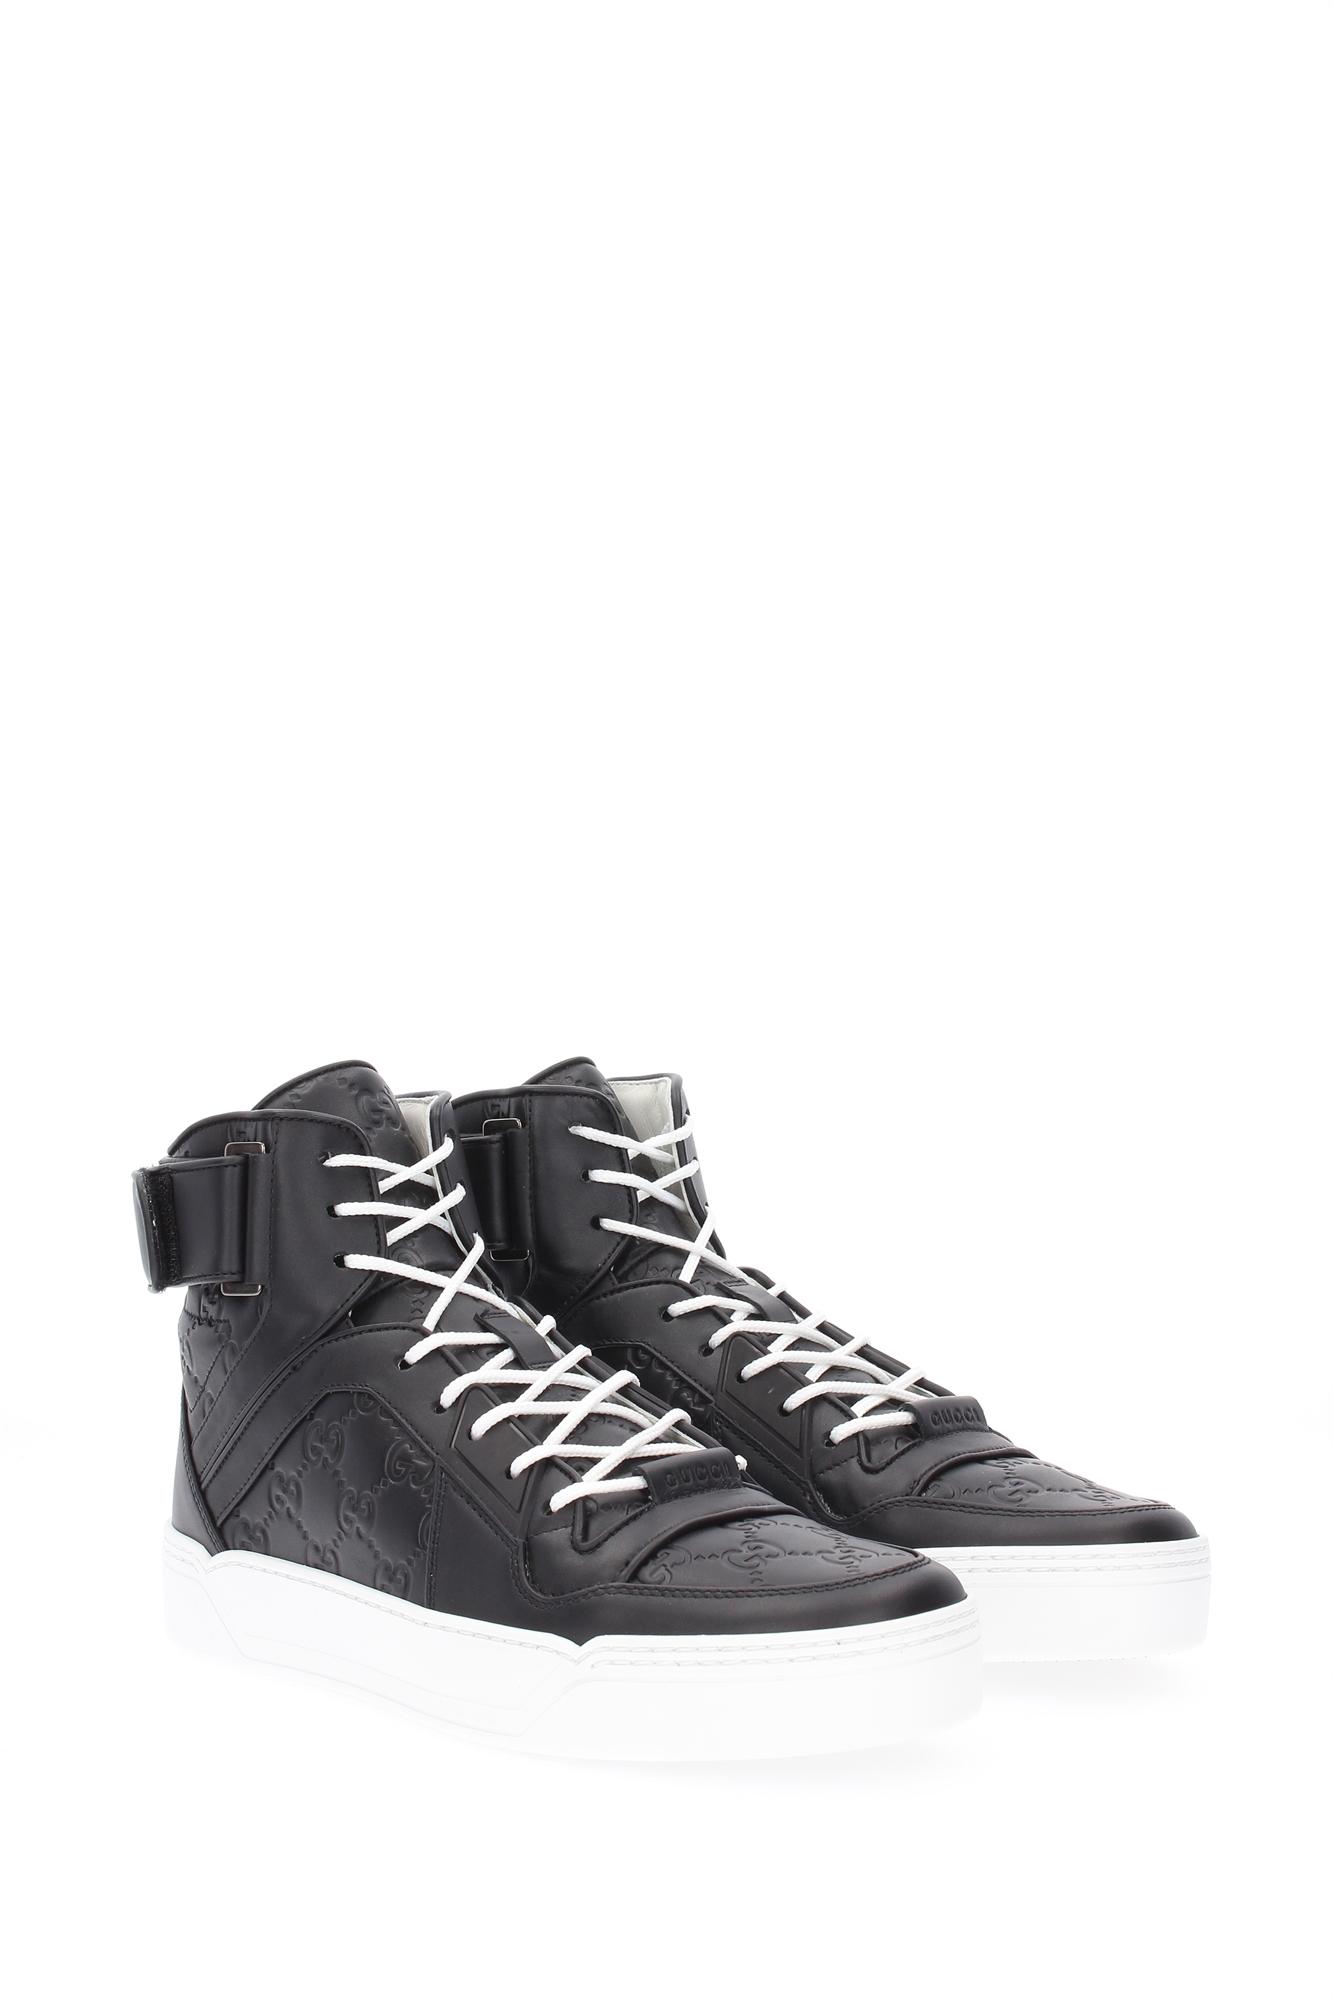 sneakers gucci herren leder schwarz 431141cwd201000 ebay. Black Bedroom Furniture Sets. Home Design Ideas